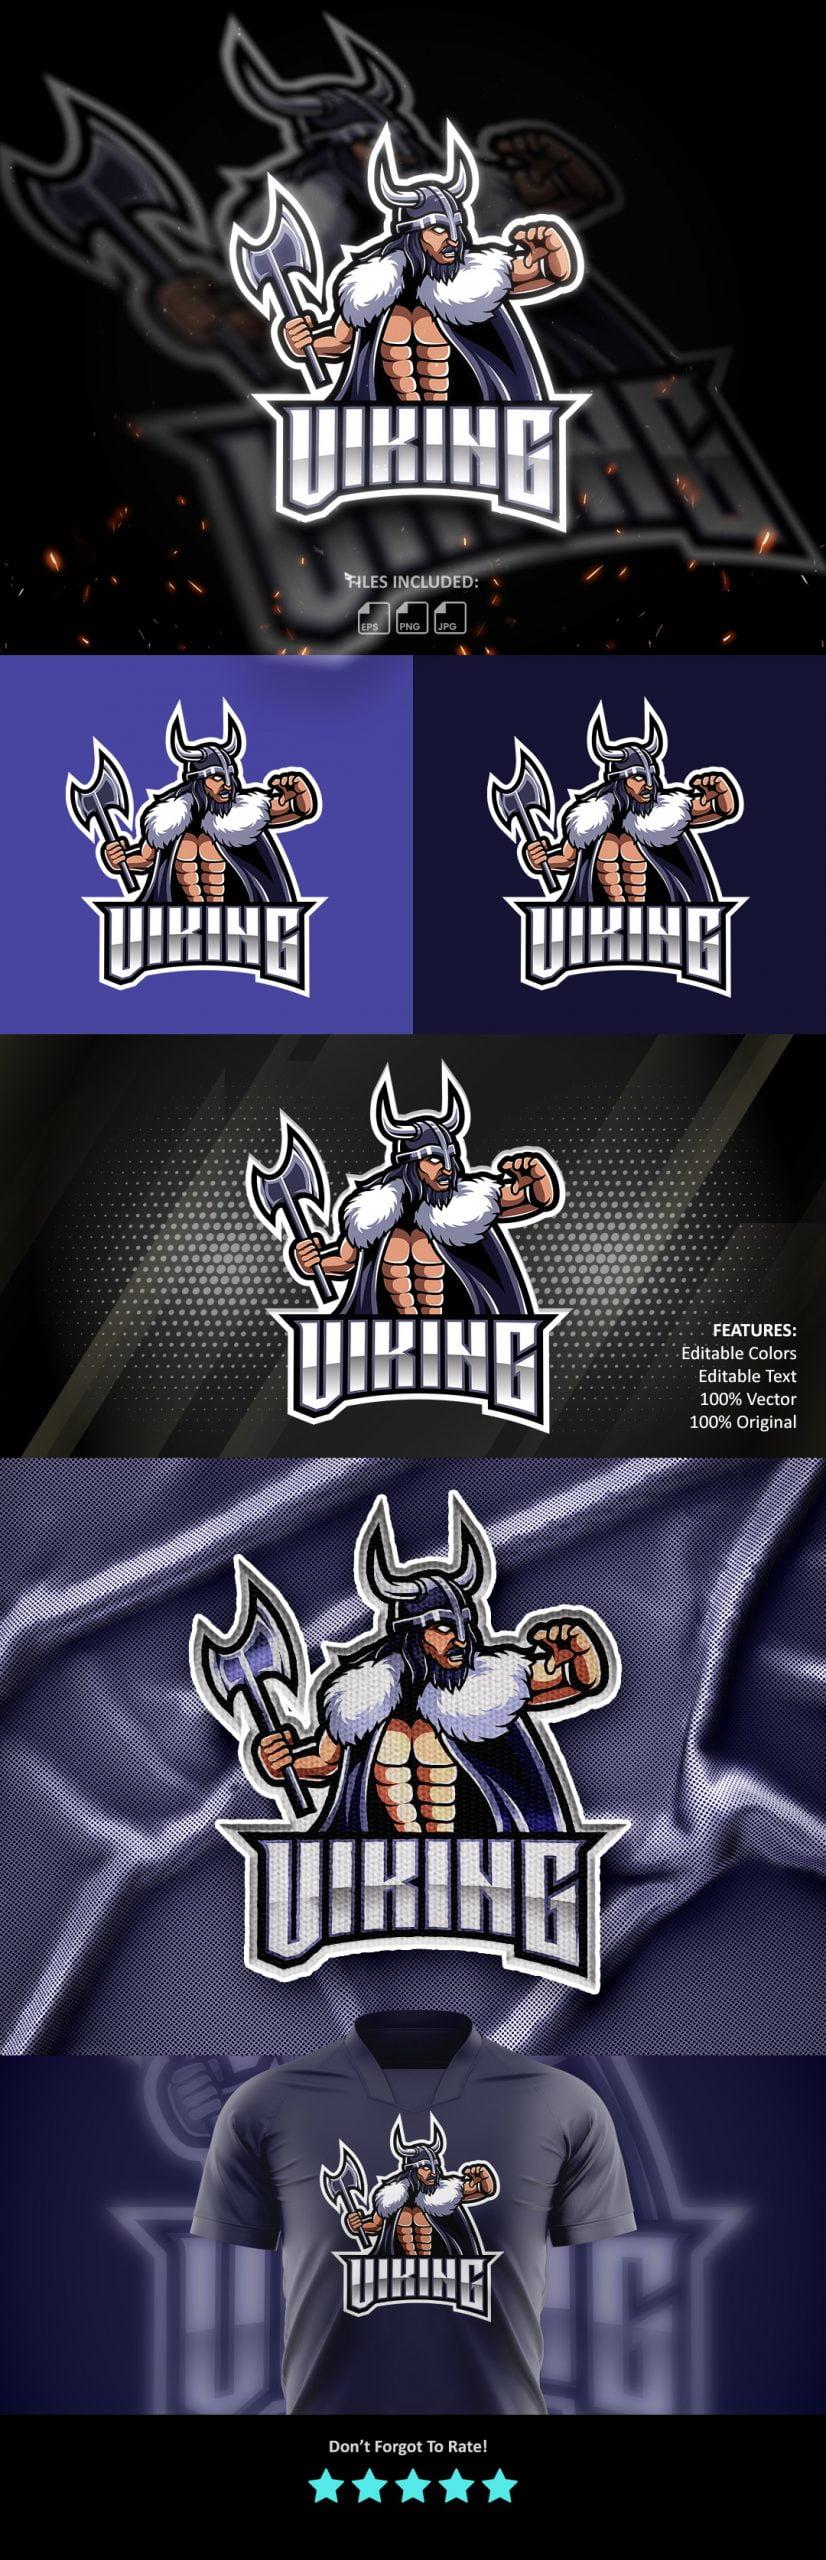 Free-Download-Viking-Warrior-Mascot-Logo